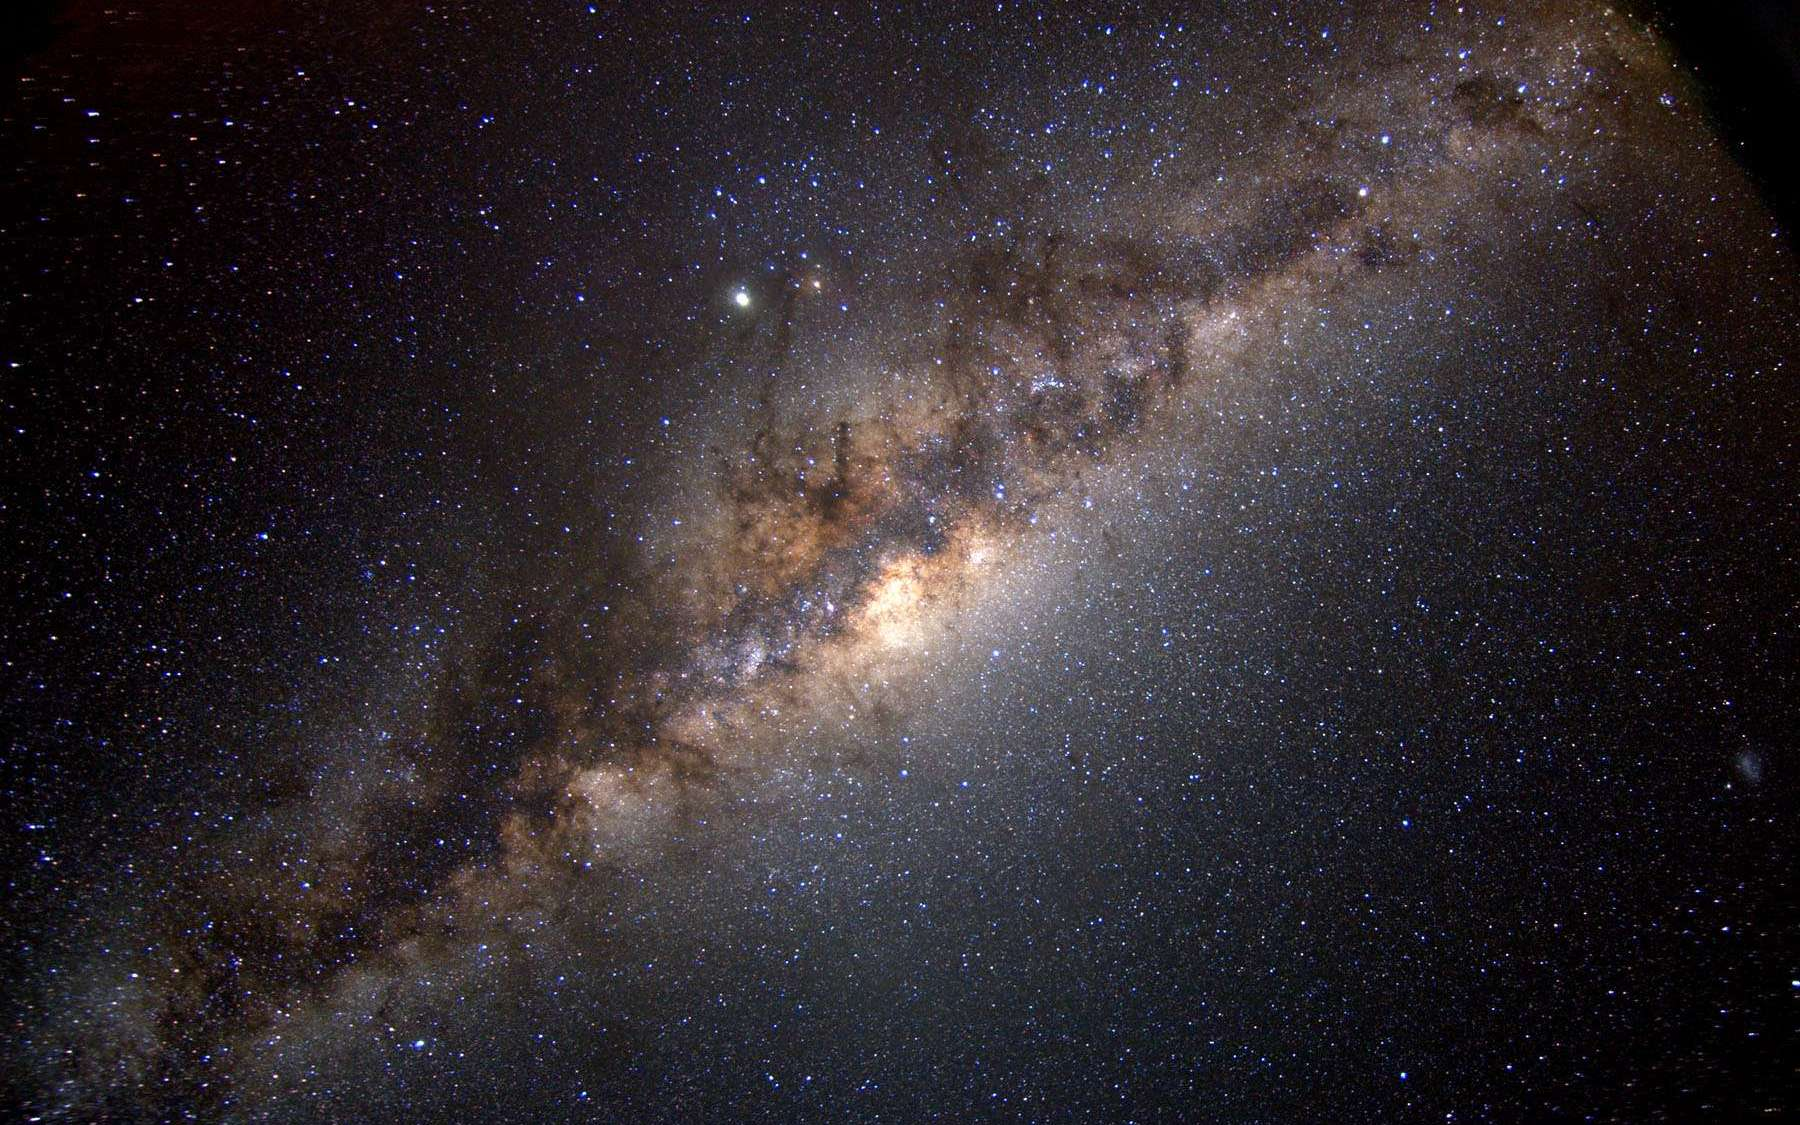 Une vue de la Voie lactée. © Serge Brunier